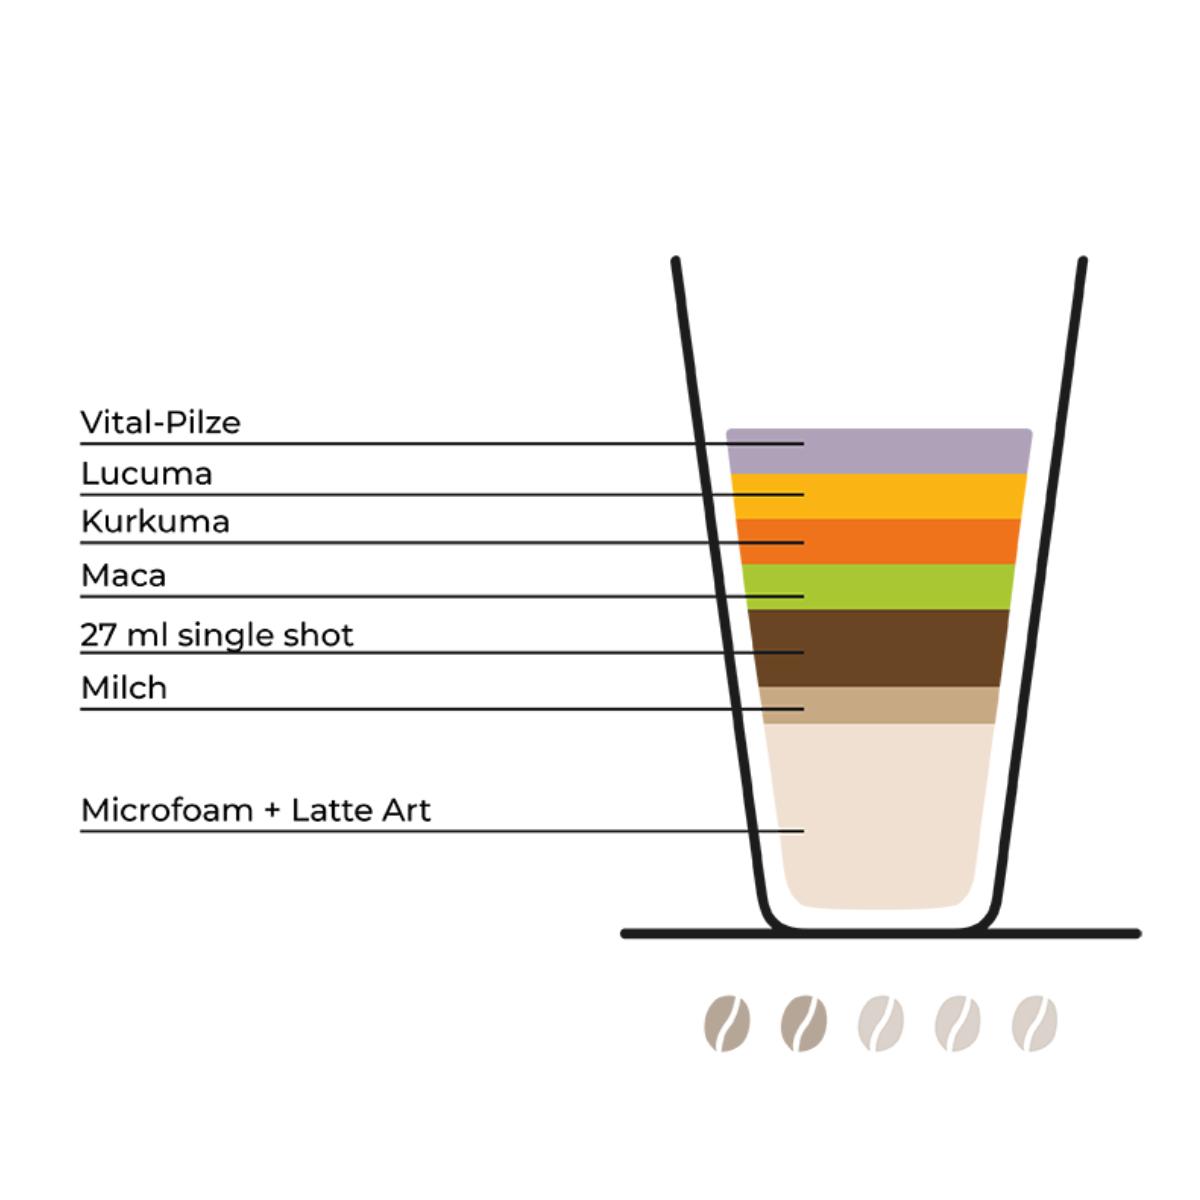 Kaffeetrends (4)